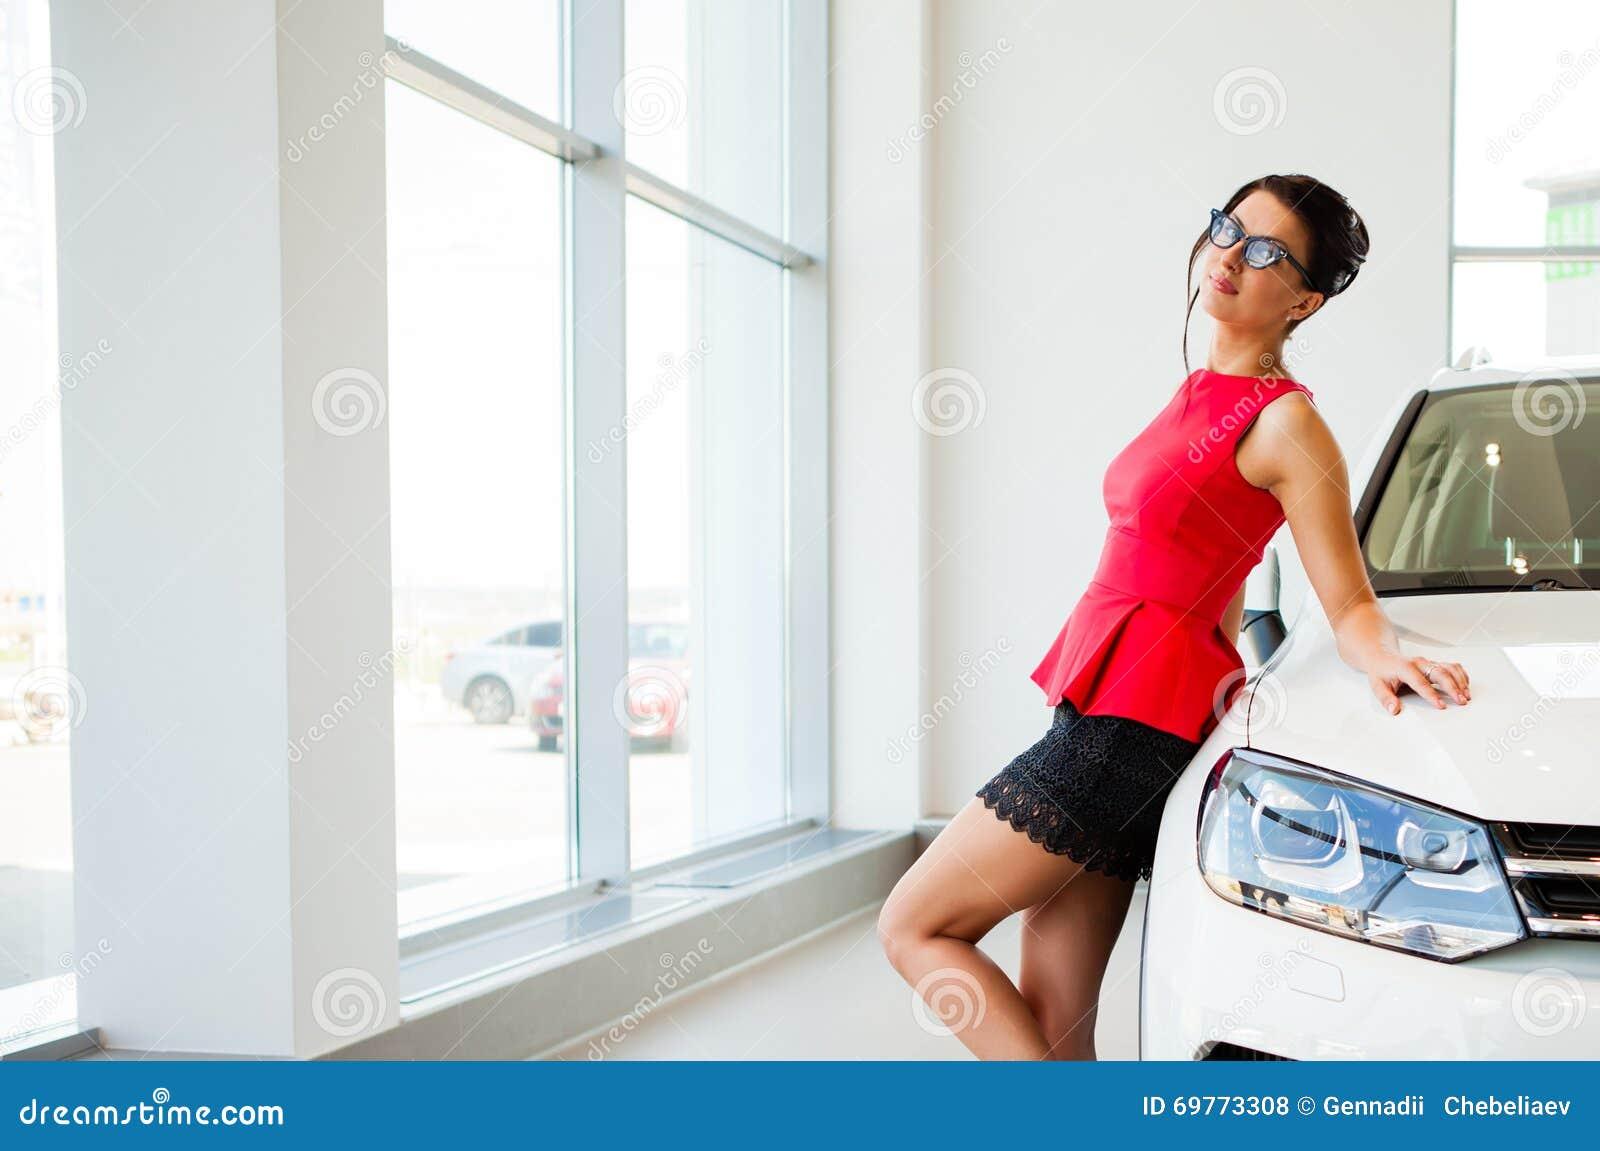 Девушка в авто в короткой юбке